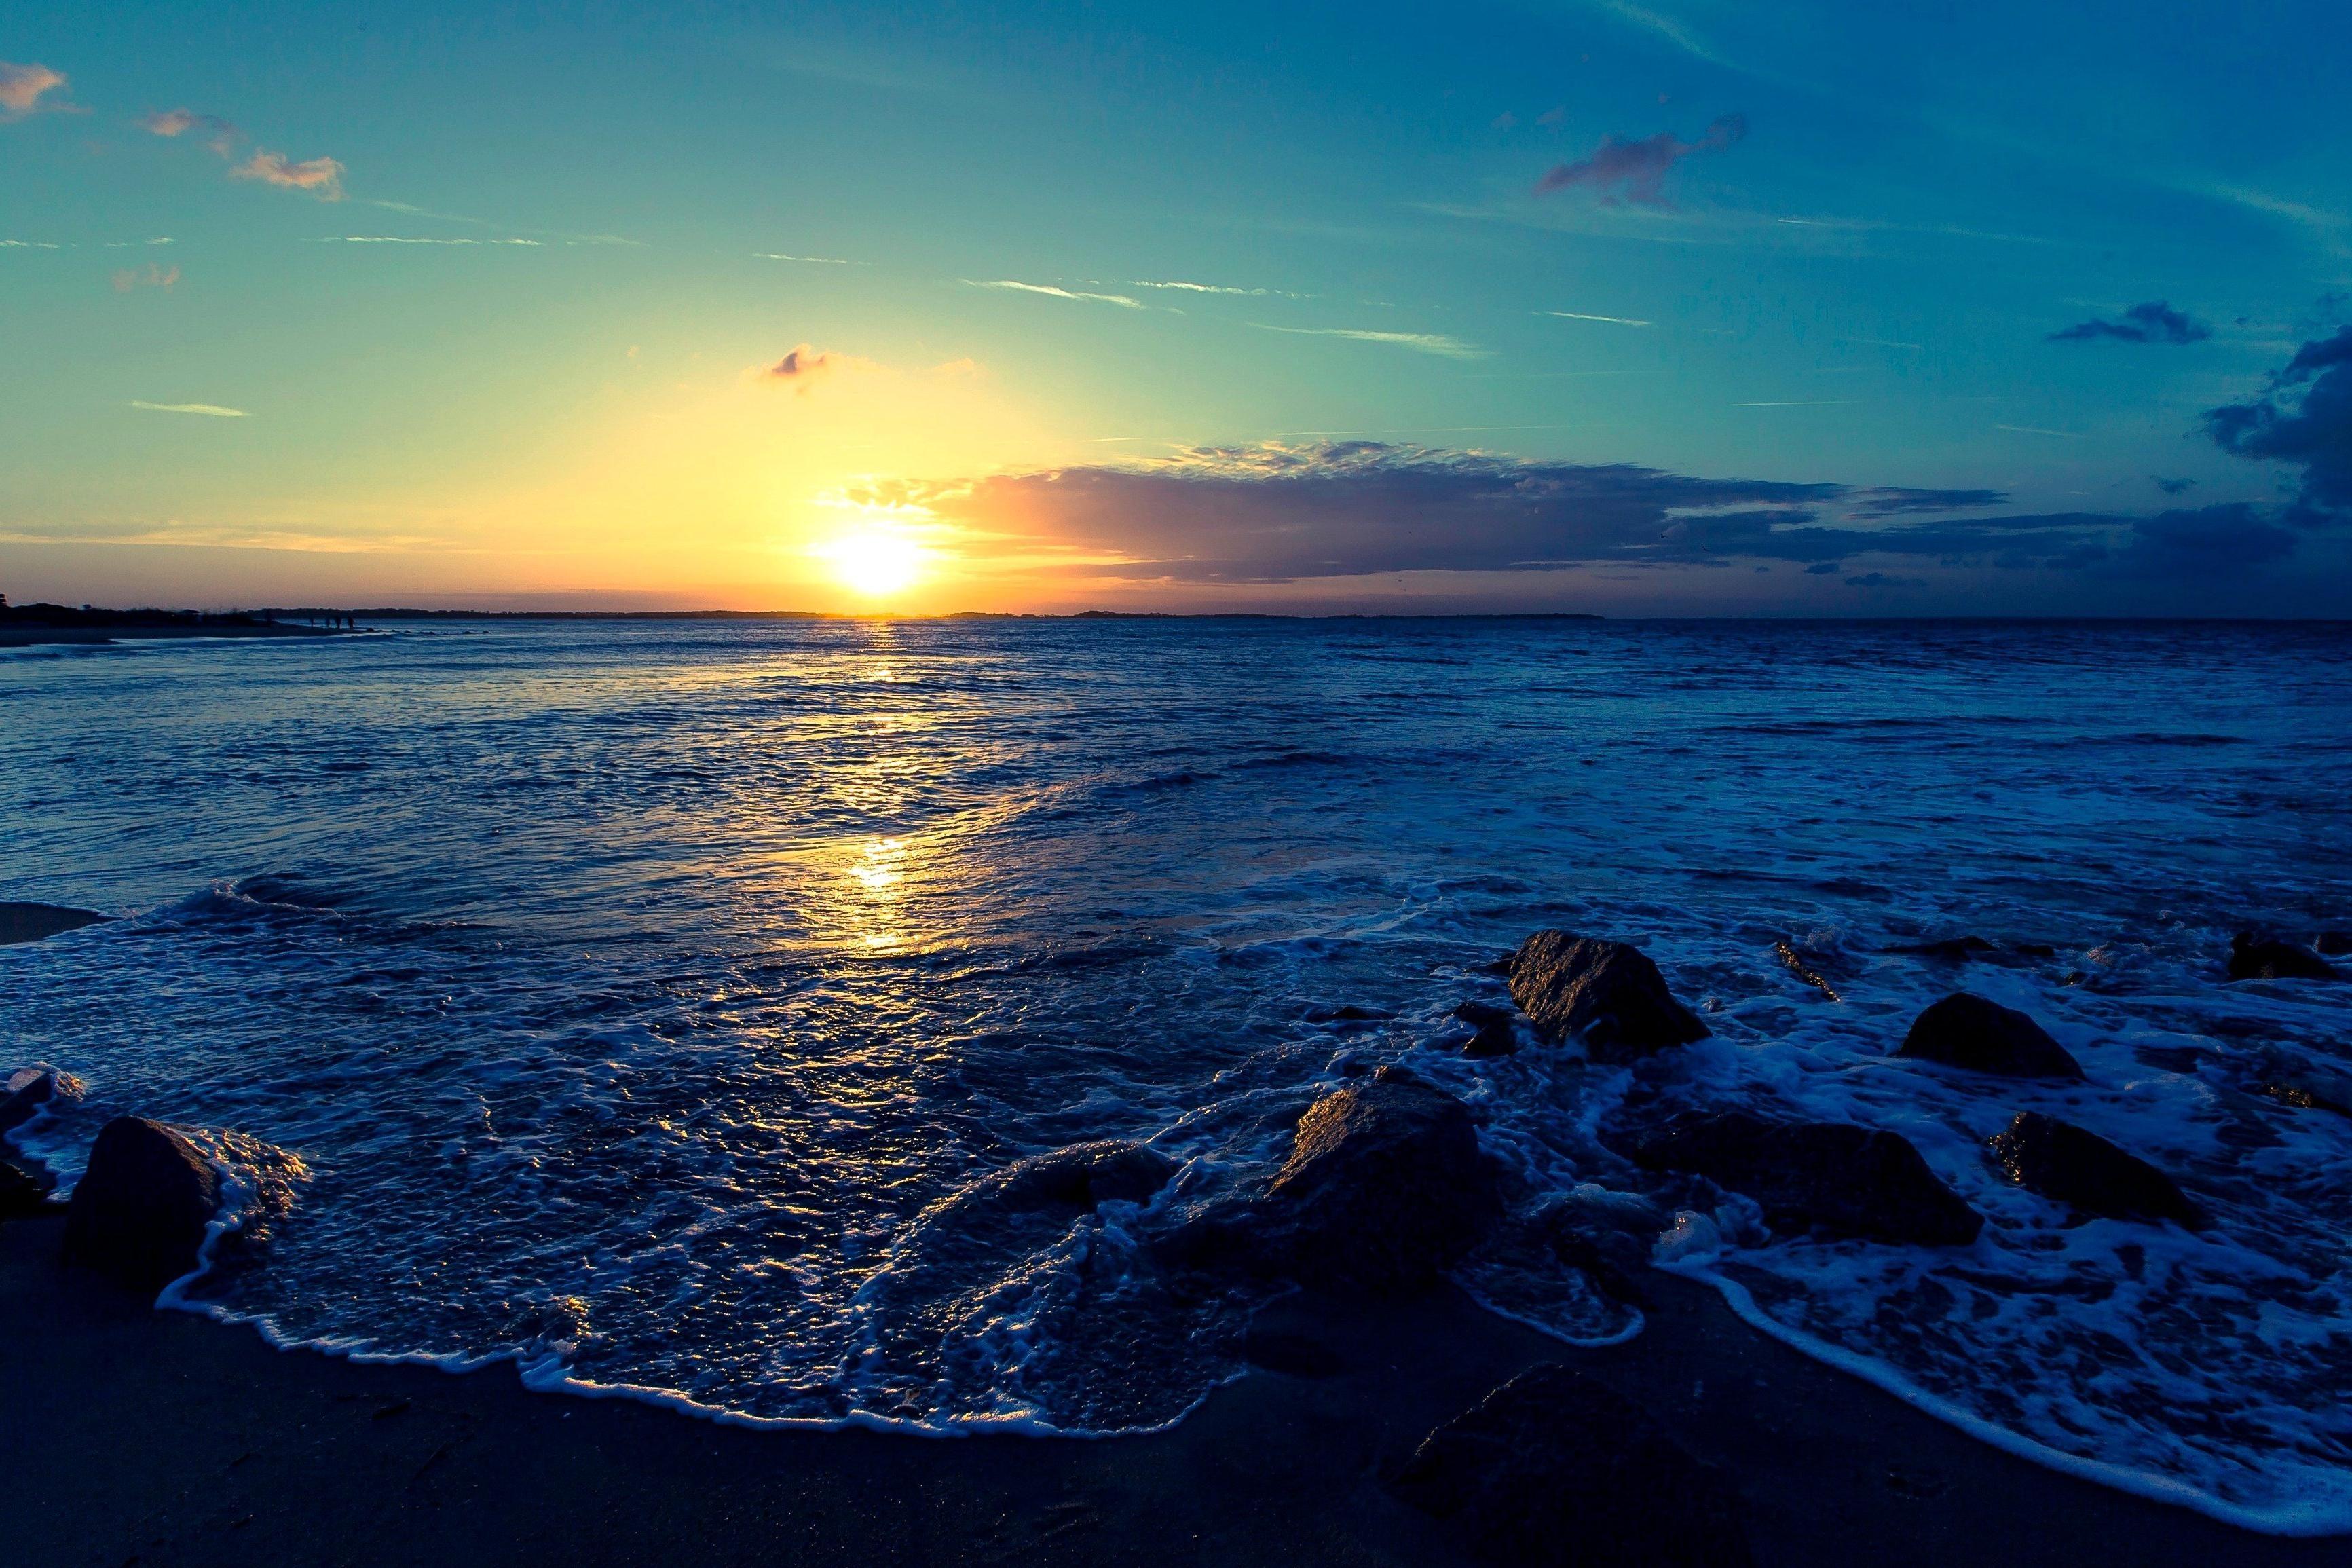 Картинки закат и море на телефон